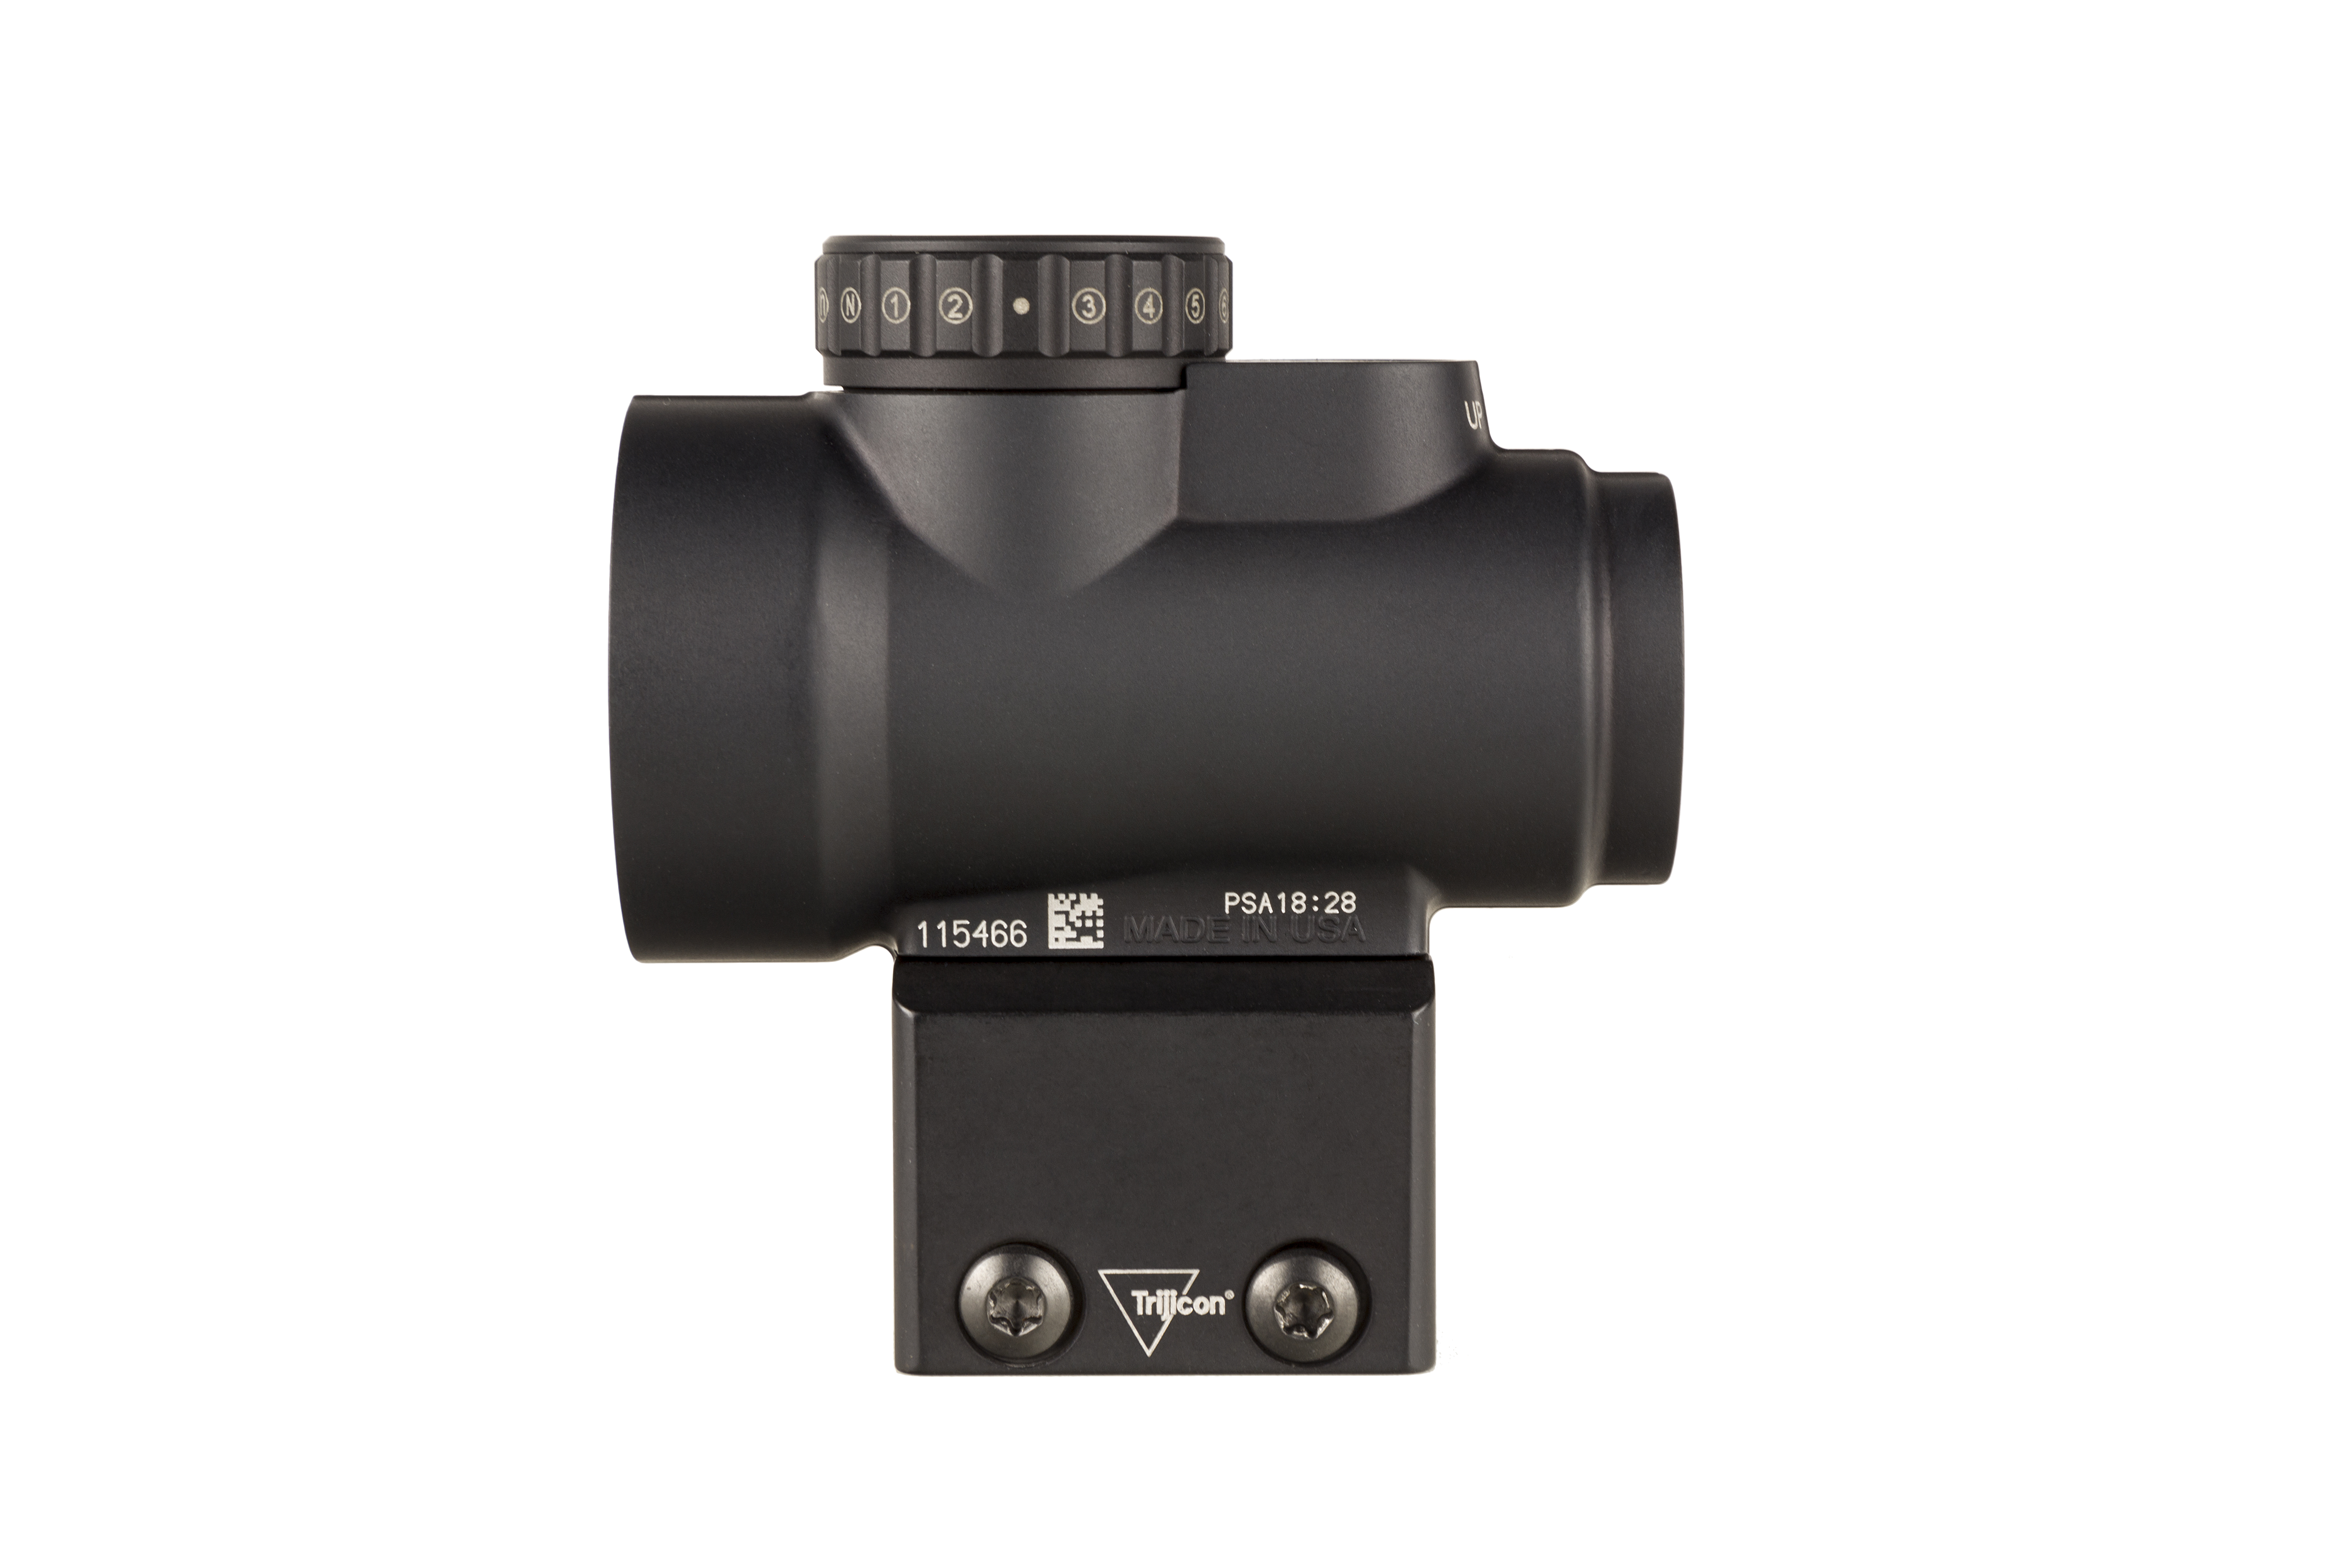 MRO-C-2200053 angle 2